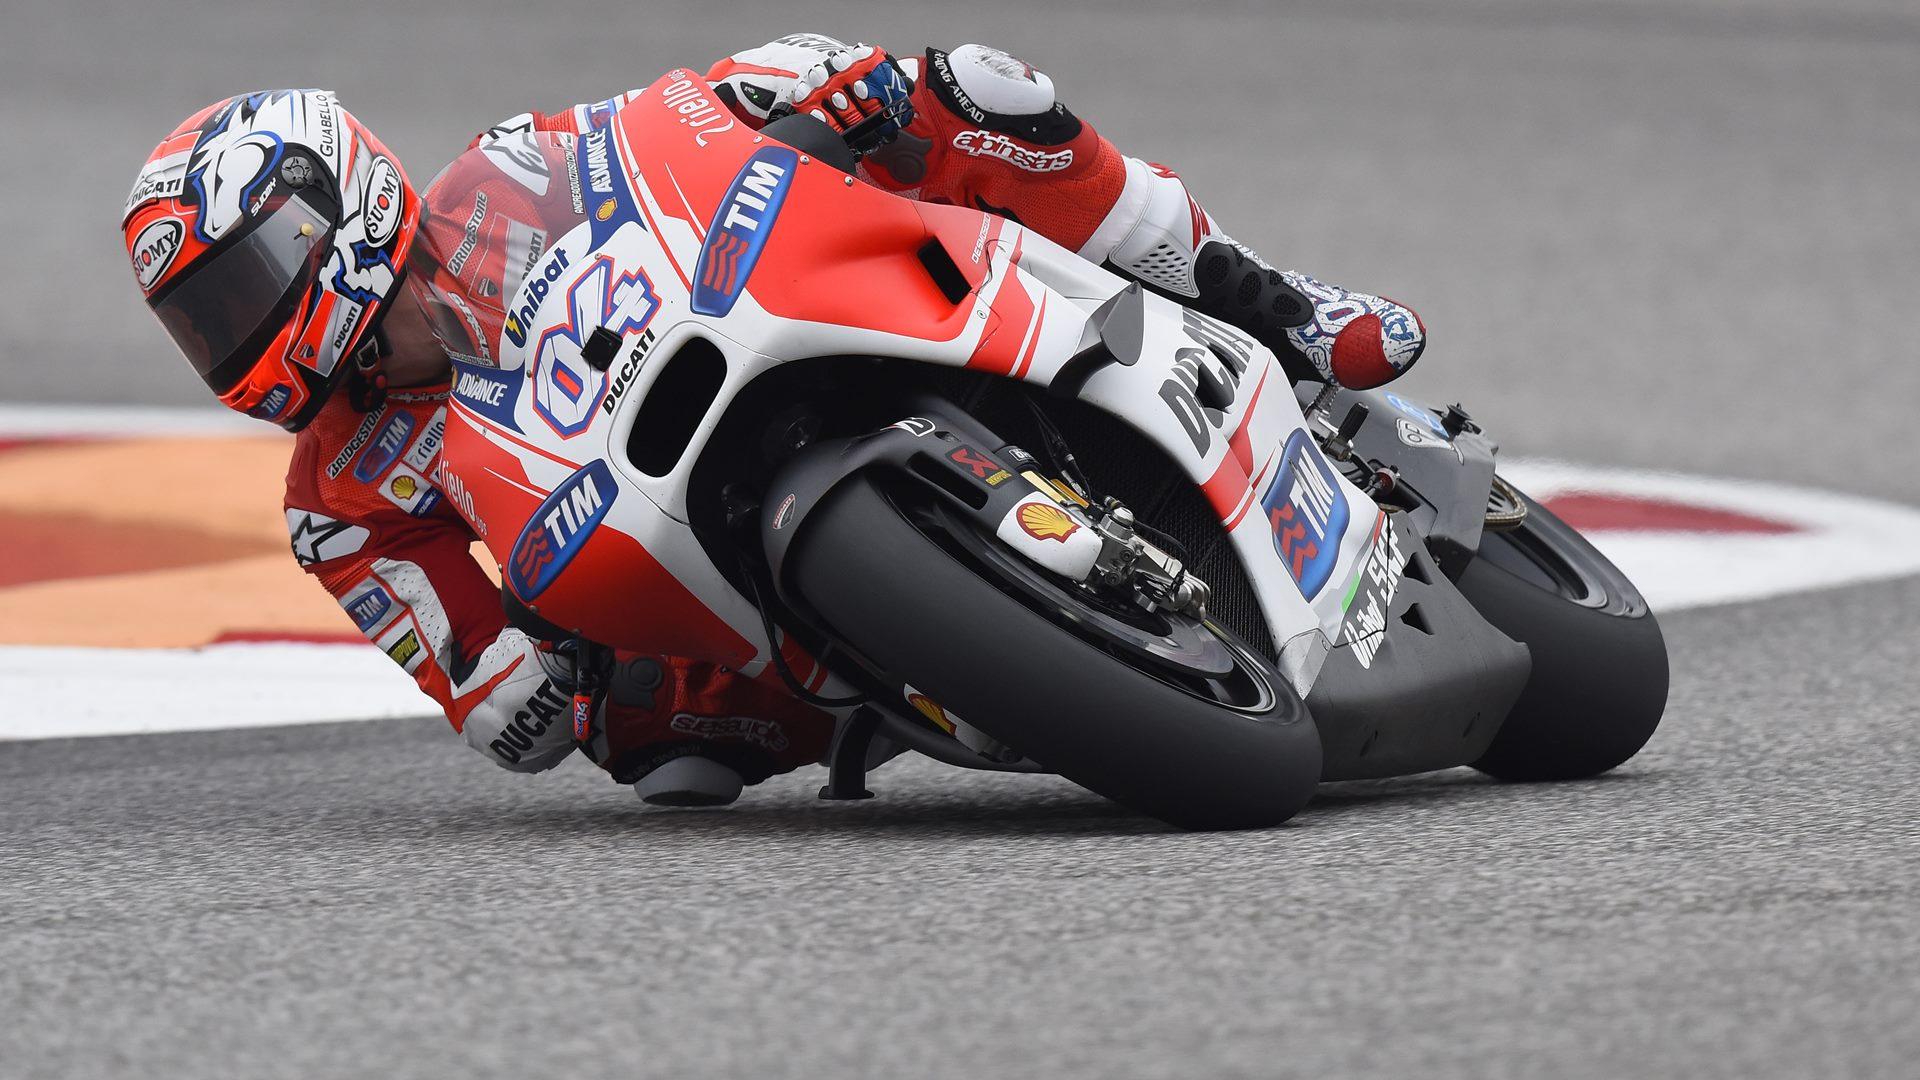 Andrea Dovizioso HD wallpaper   MotoGP COTA Austin Texas 1920x1080